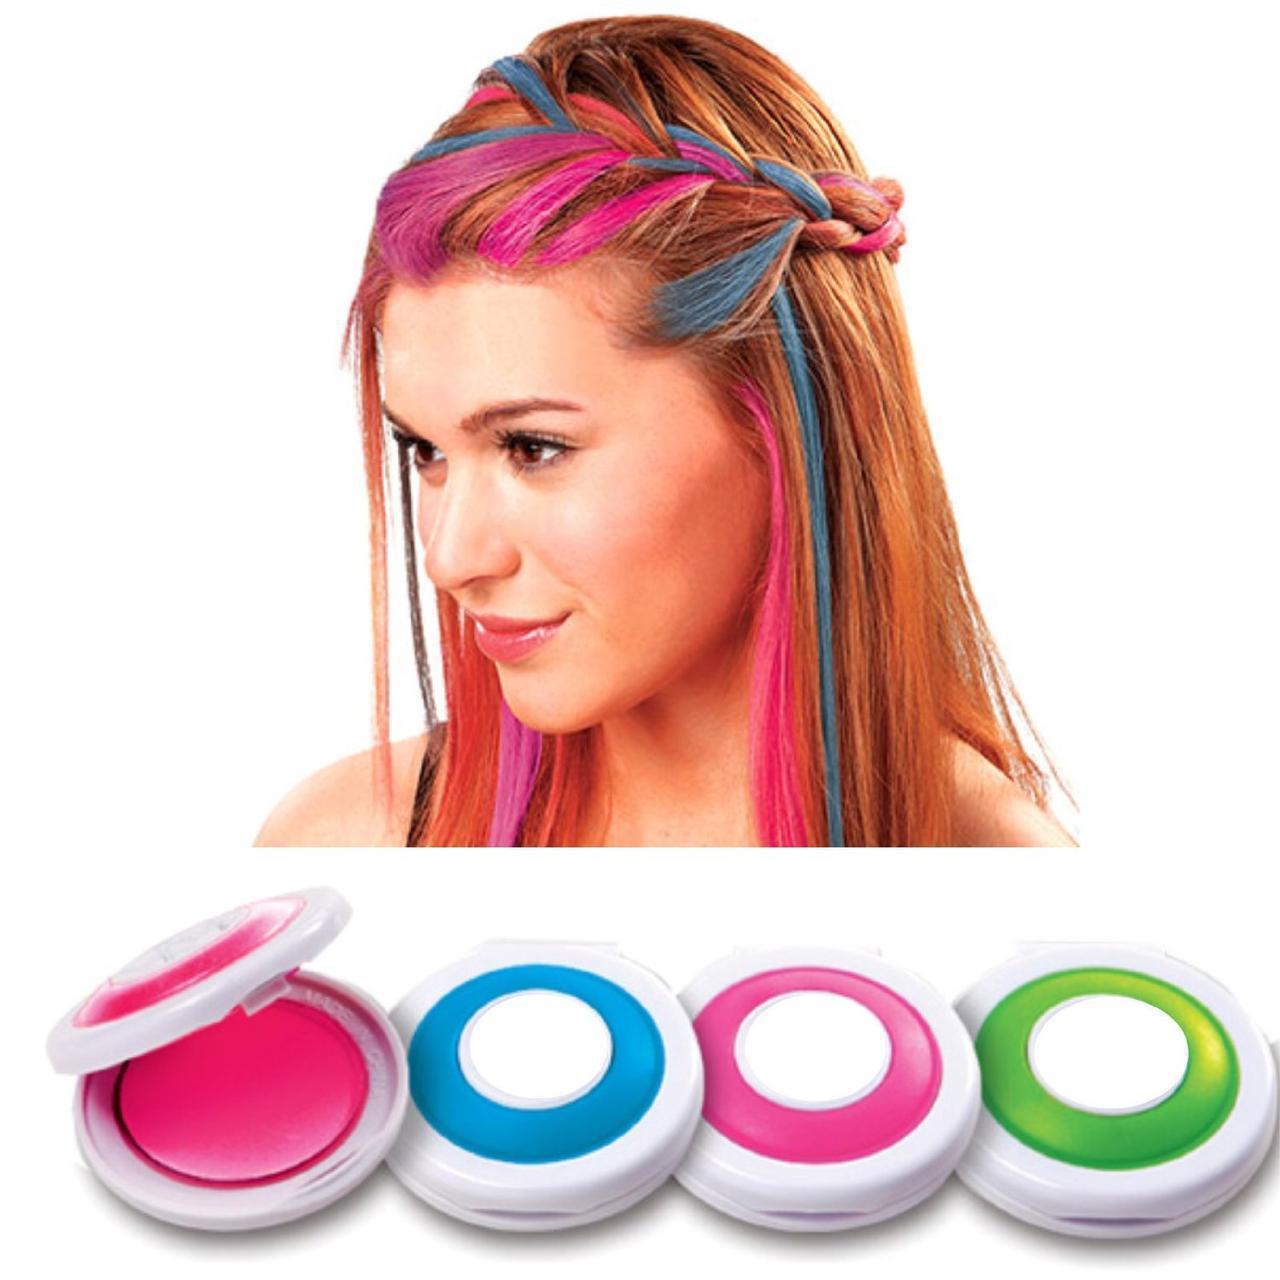 Мелки для волос Hot Huez 4 цвета, цветные мелки для окрашивания волос цветная пудра    крейда для волосся (NS)